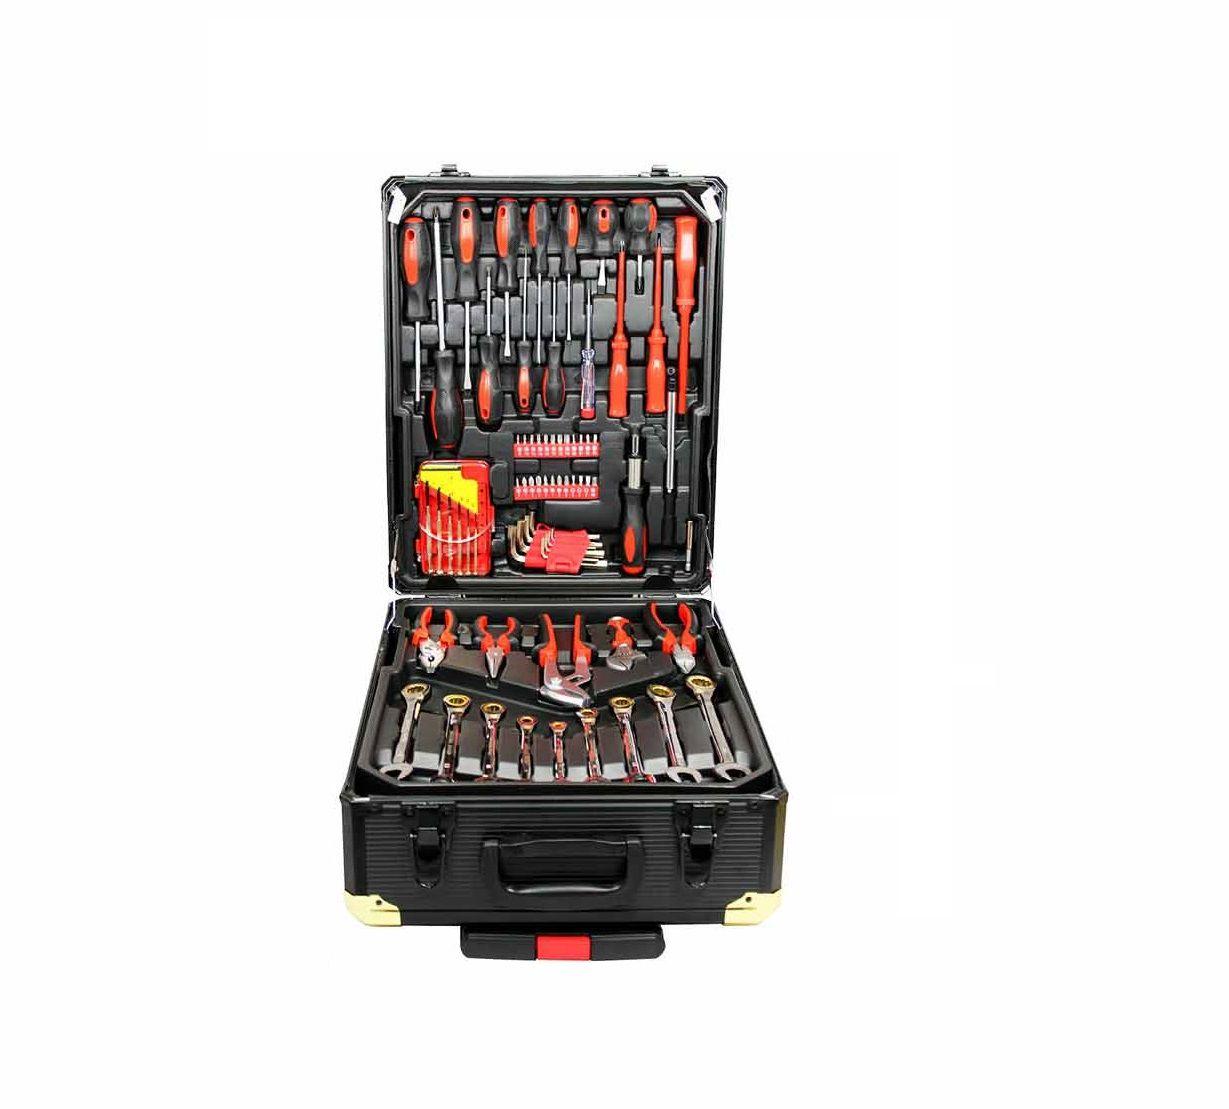 Набор инструментов Kraft Hoff из 186 предметов в разборном алюминиевом кейсе со скидкой до 71% фото 1